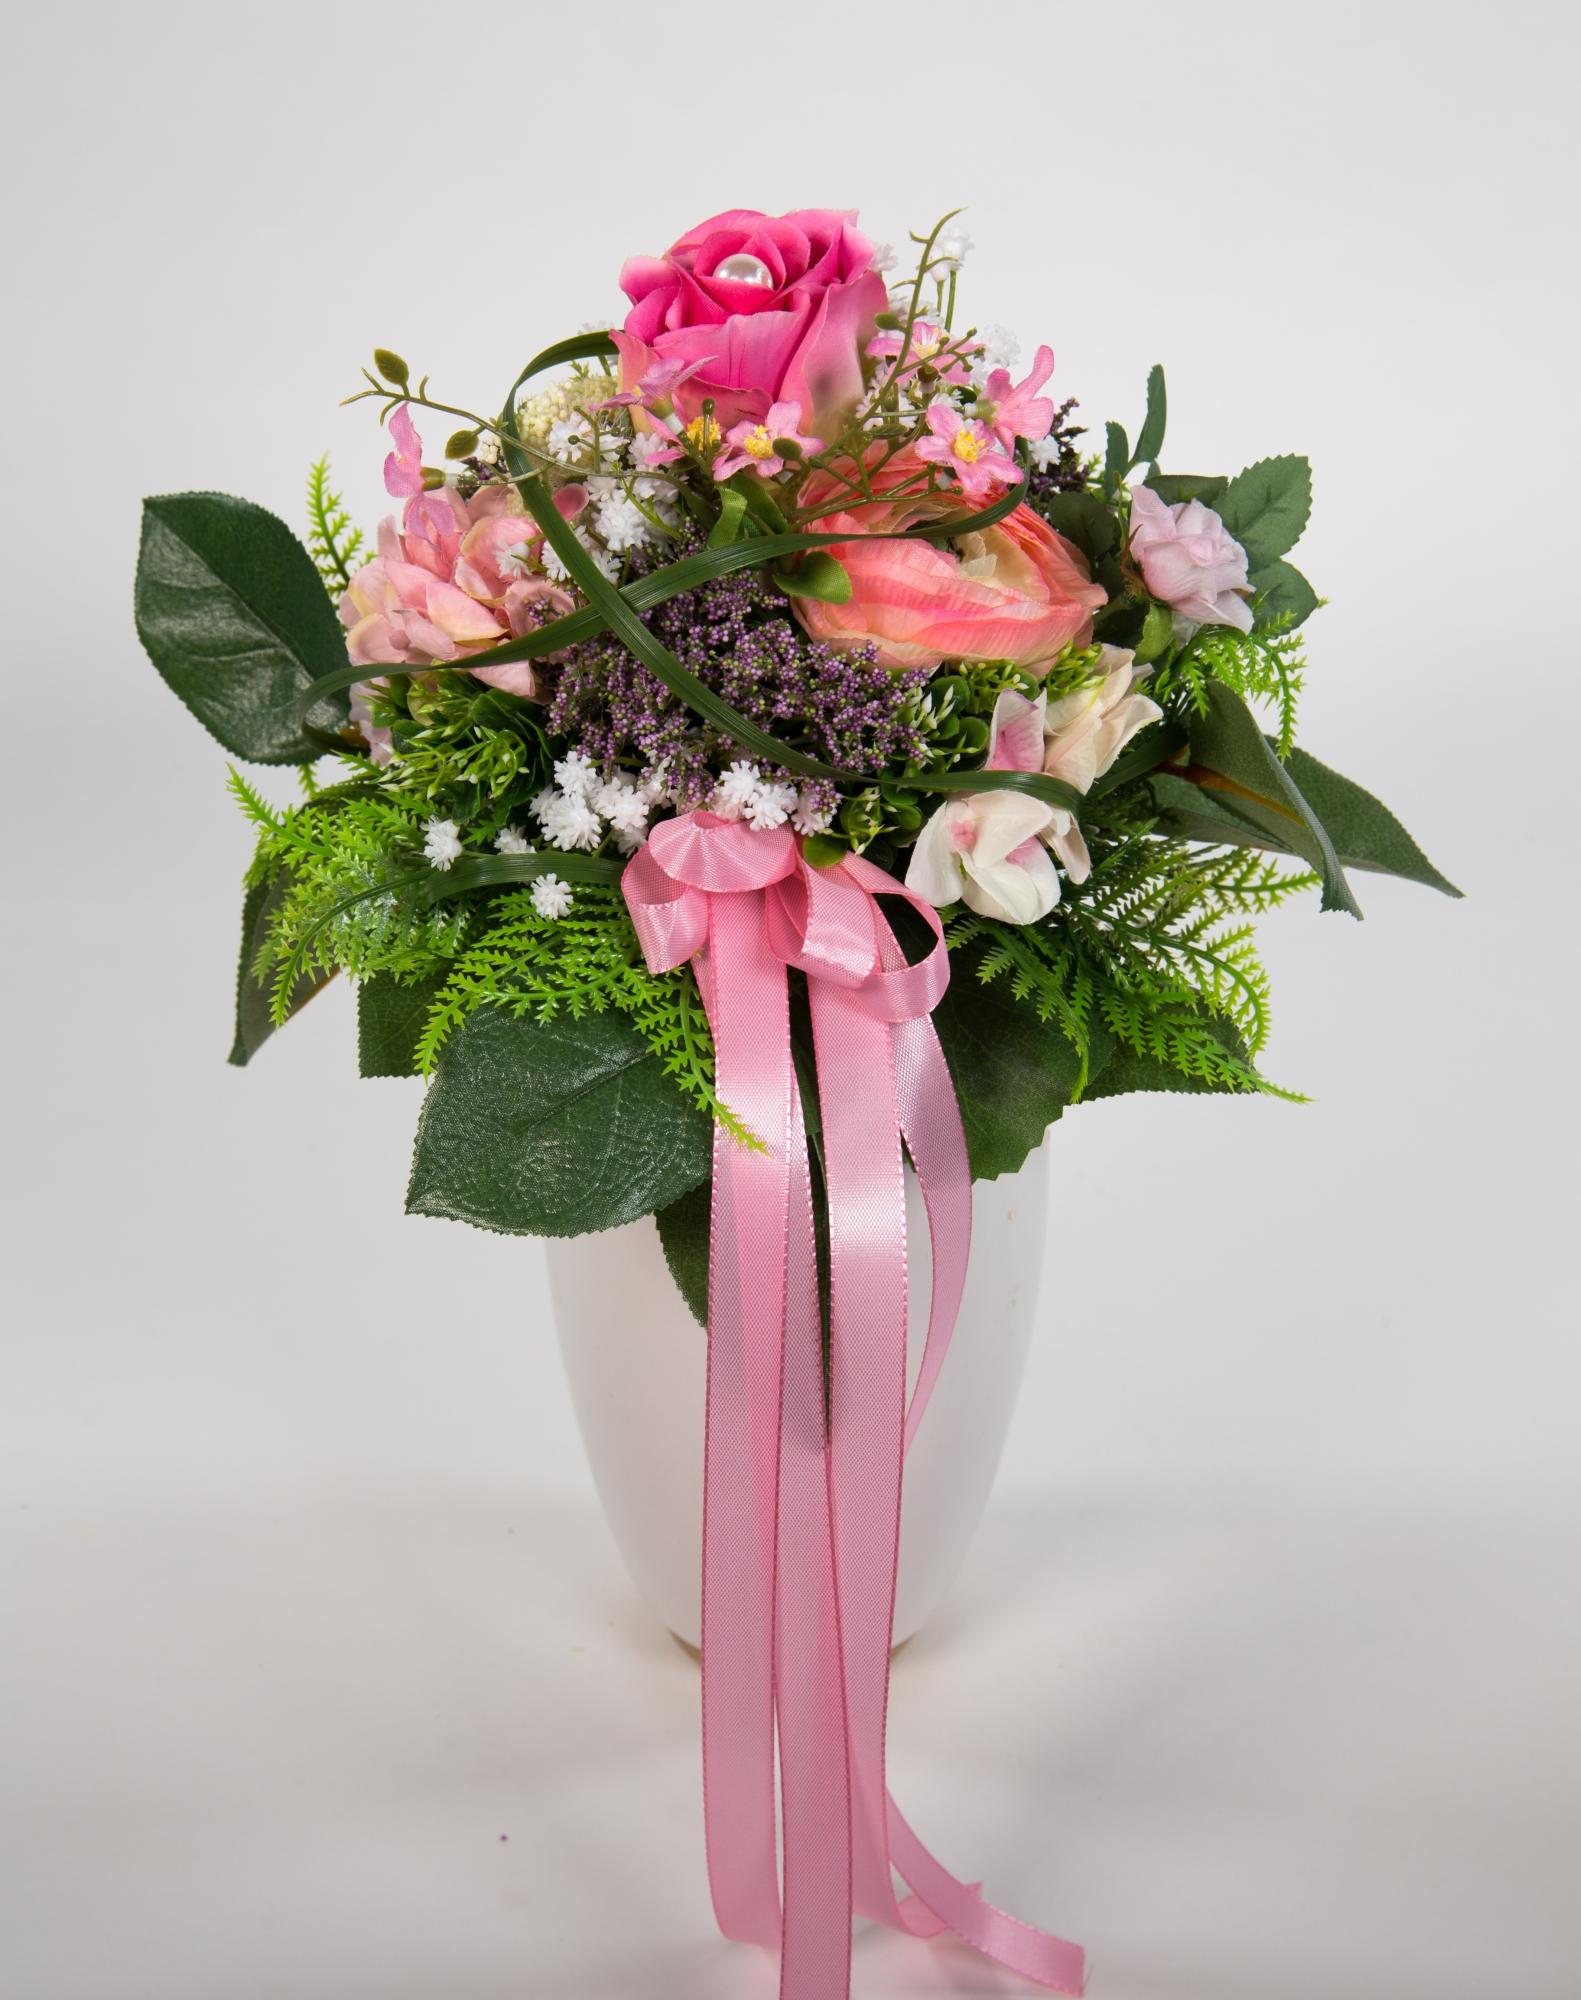 strau mit rosen und ranunkel rosa pink lila kunstblumen k nstlicher handgebundener strau. Black Bedroom Furniture Sets. Home Design Ideas